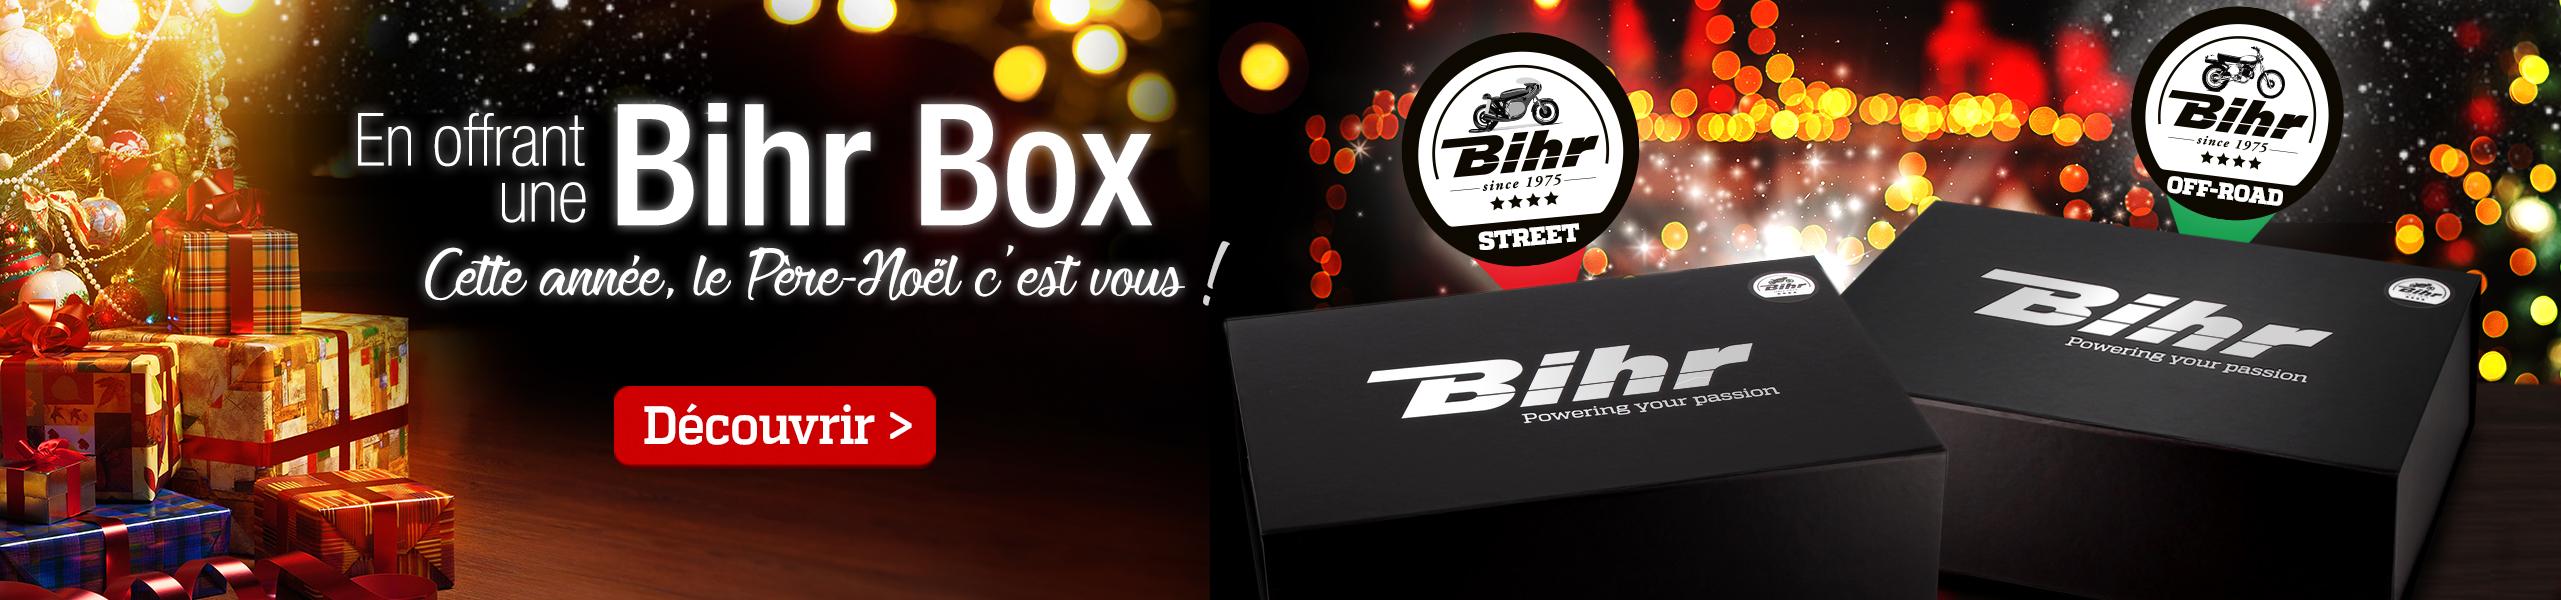 BIHR Box de Noël